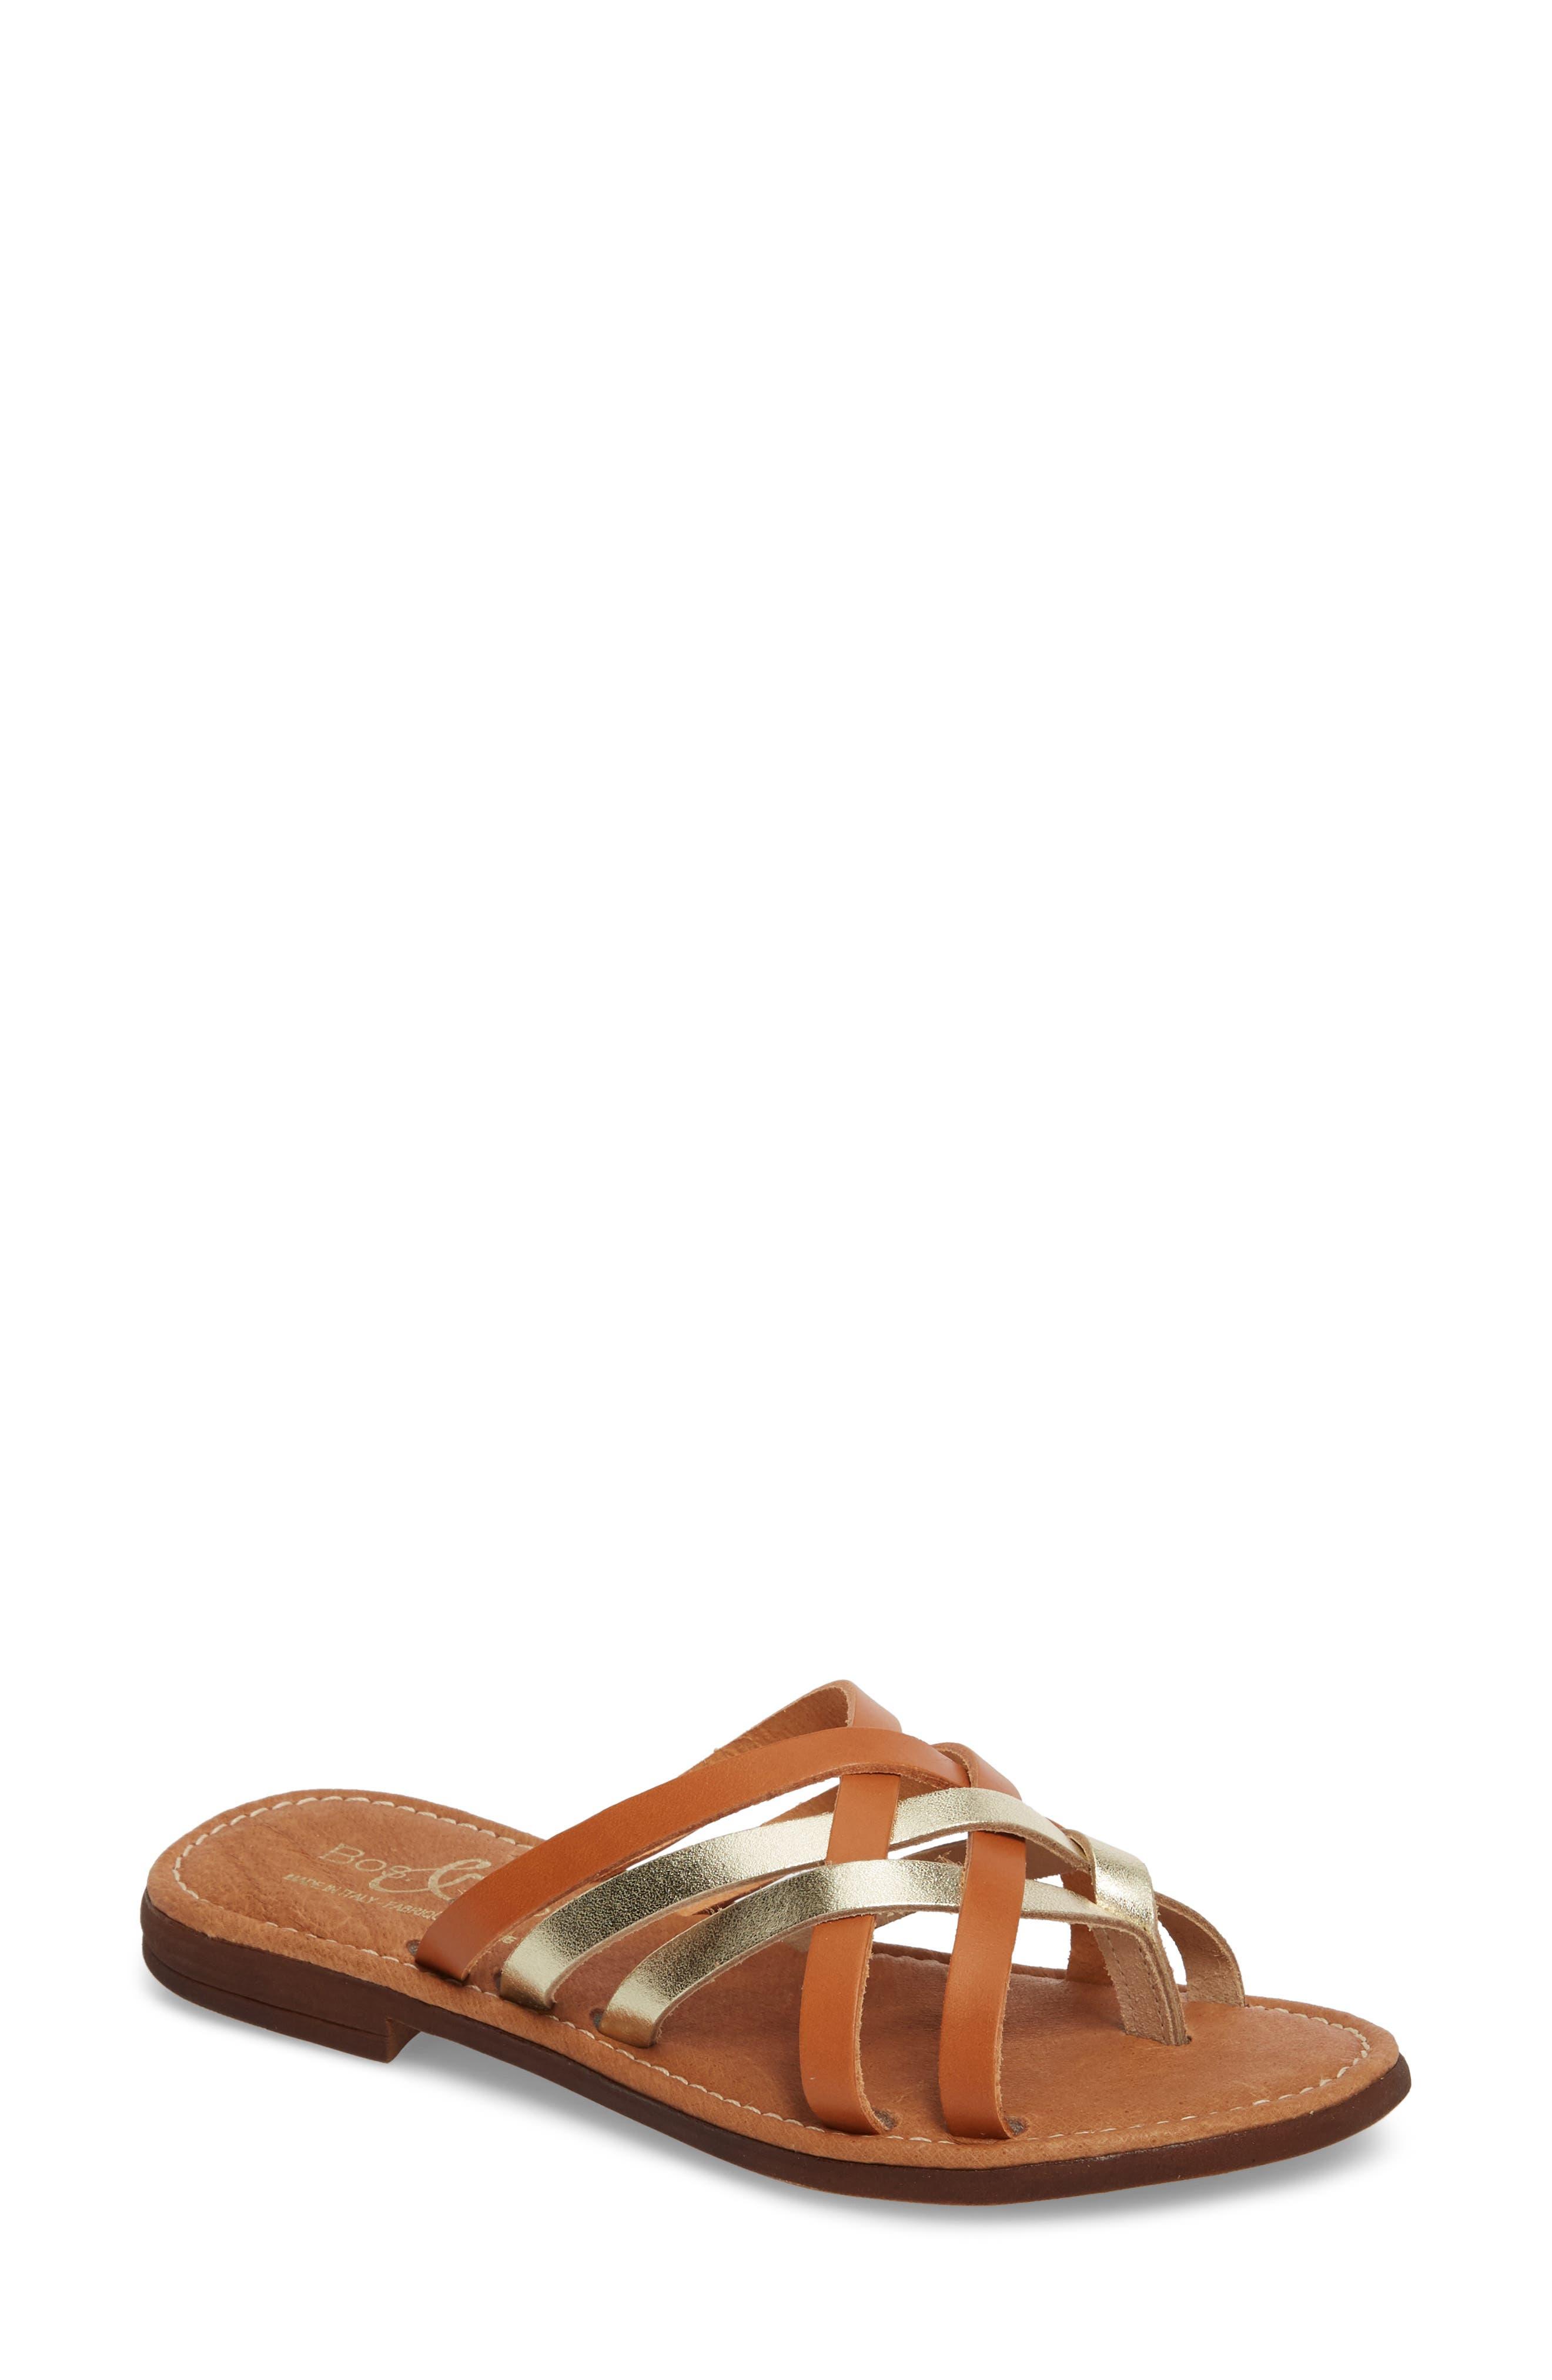 Bos. & Co. Inola Slide Sandal